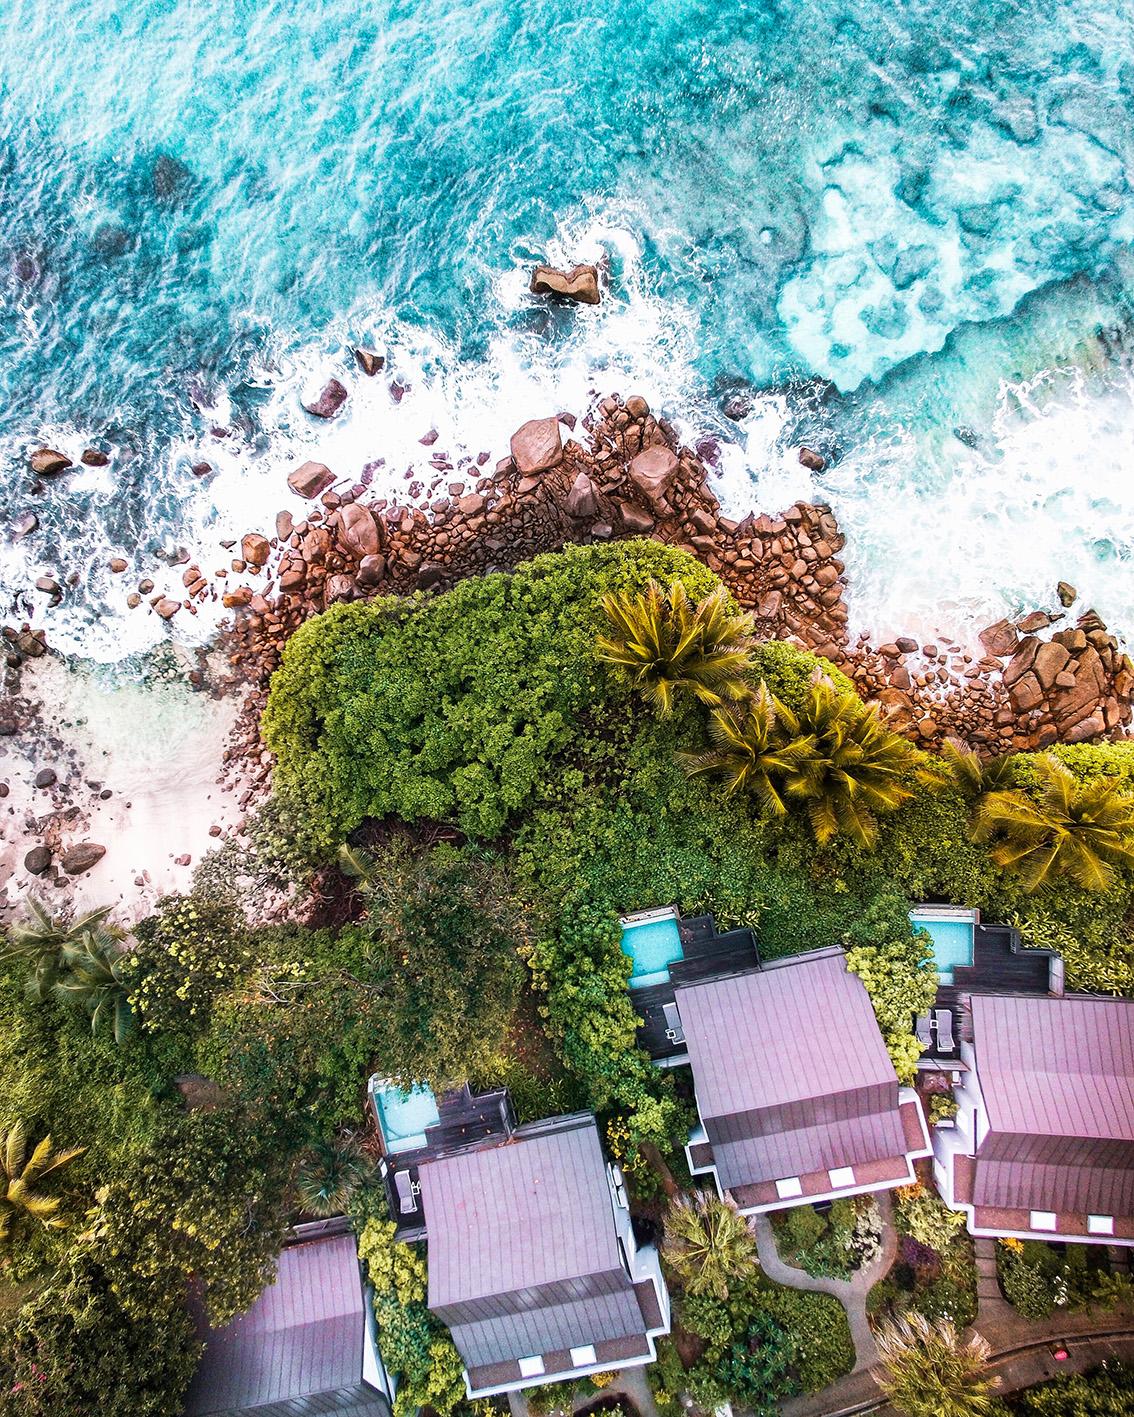 2 Dove trovare l'estate a Gennaio? Diario di viaggio delle Seychelles.